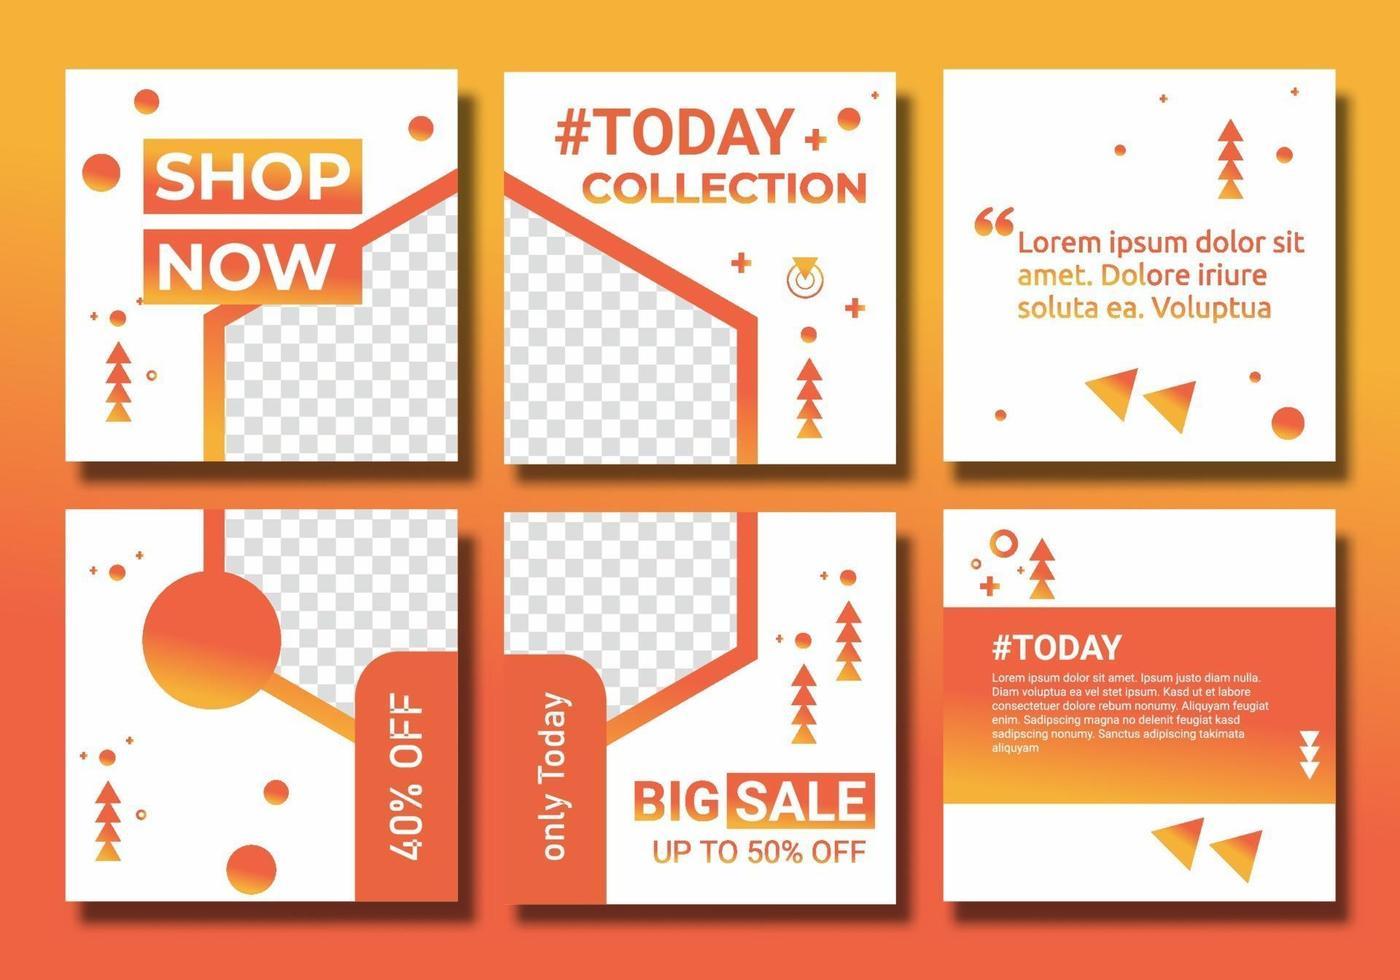 Feed und Post Creative Vector Set. Web-Bannerwerbung für Promotion-Design mit Verlaufsfarbe in Gelb, Orange. Hintergrundvorlage mit Kopierraum für Bilddesign für Social-Media-Post